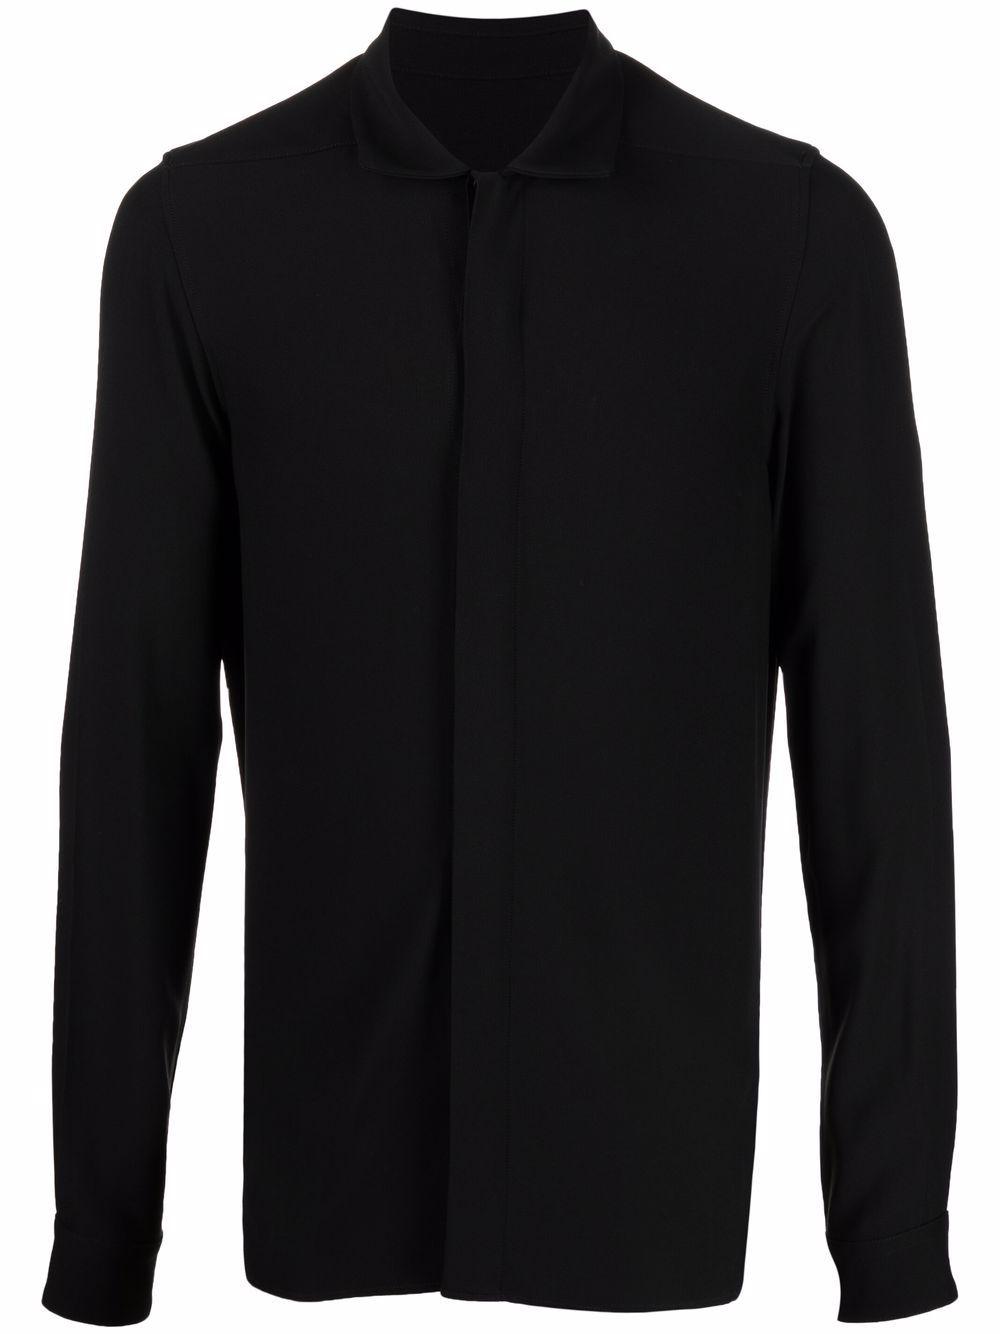 camicia in viscosa uomo nera RICK OWENS | Camicie | RU02A5299 HY09